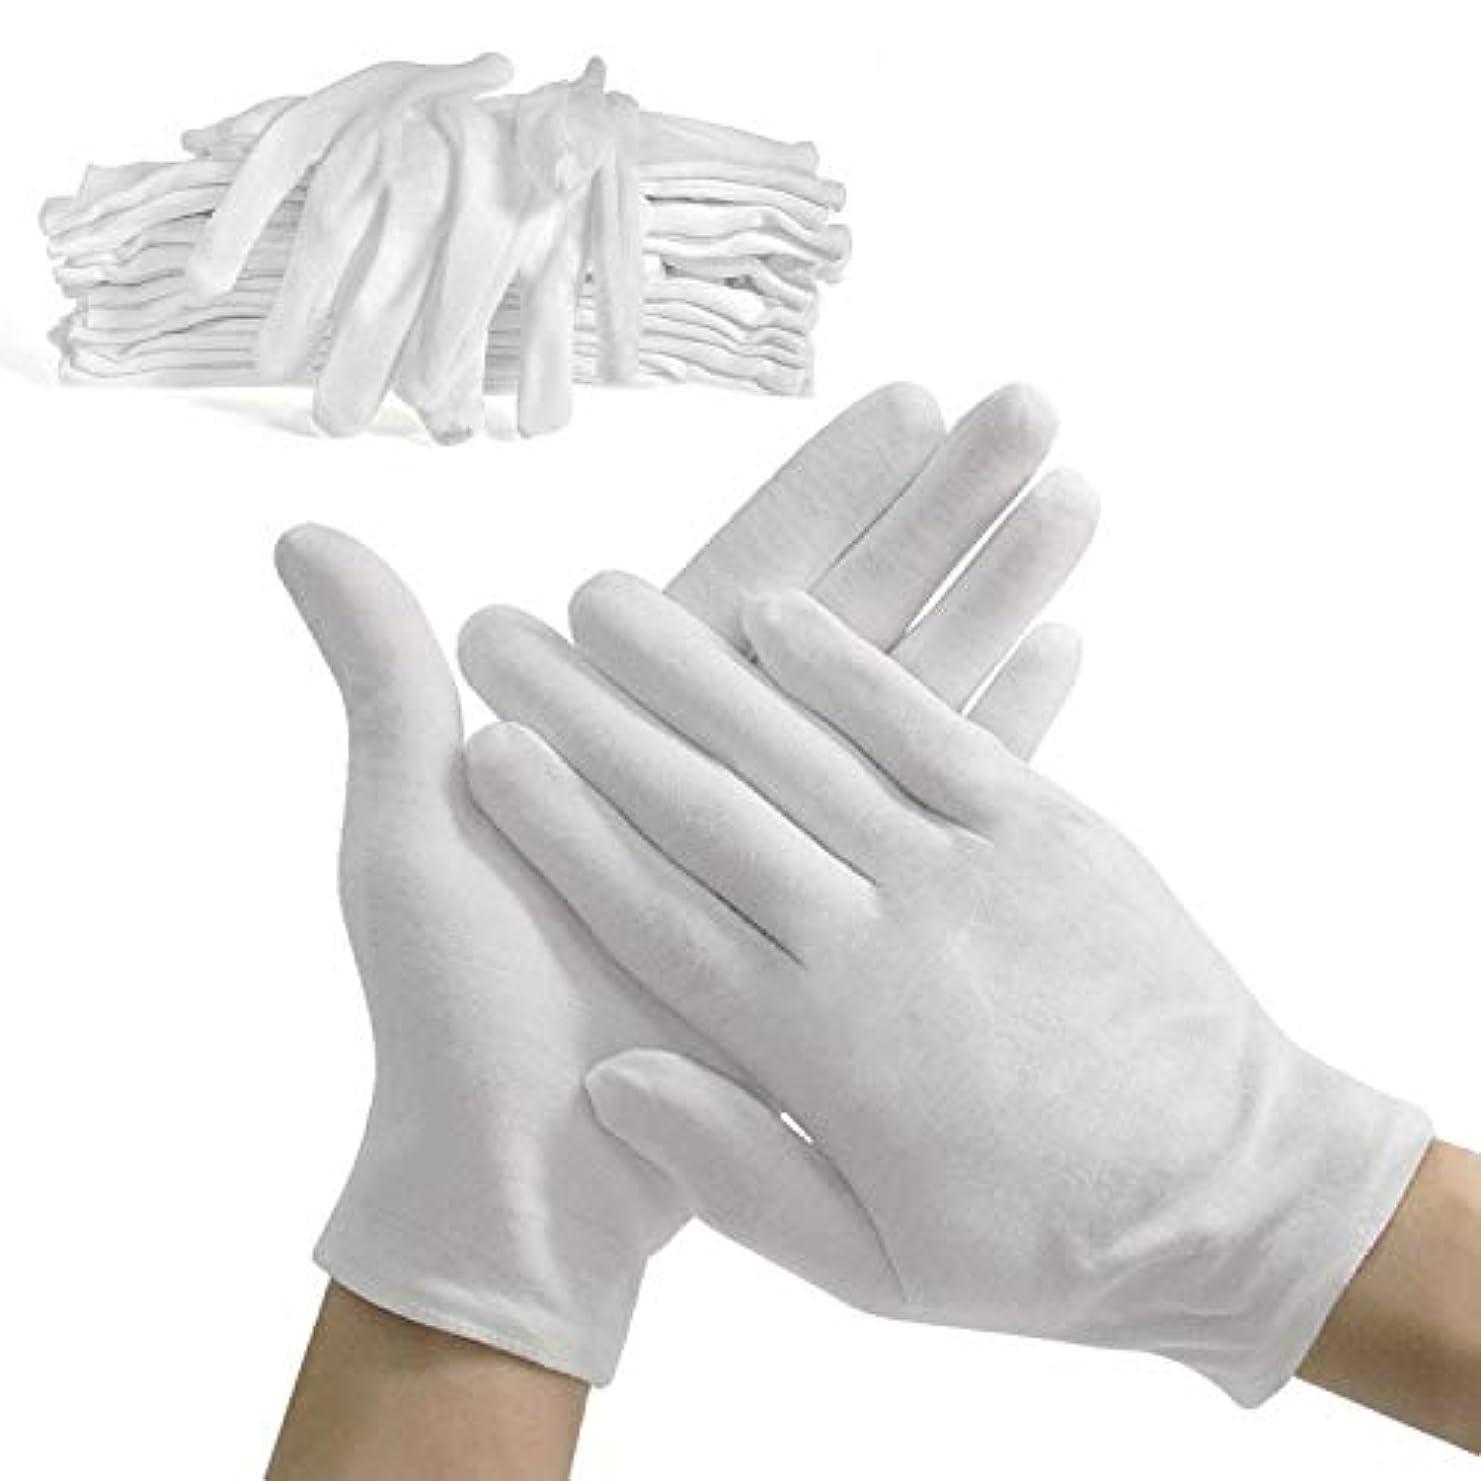 地震白菜目覚める使い捨て 手袋 コットン手袋 綿手袋 手荒れ 純綿100% 使い捨て 白手袋 薄手 お休み 湿疹 乾燥肌 保湿 礼装用 メンズ 手袋 レディース (M,梱包数量50組(100)) (M,梱包数量50組(100))